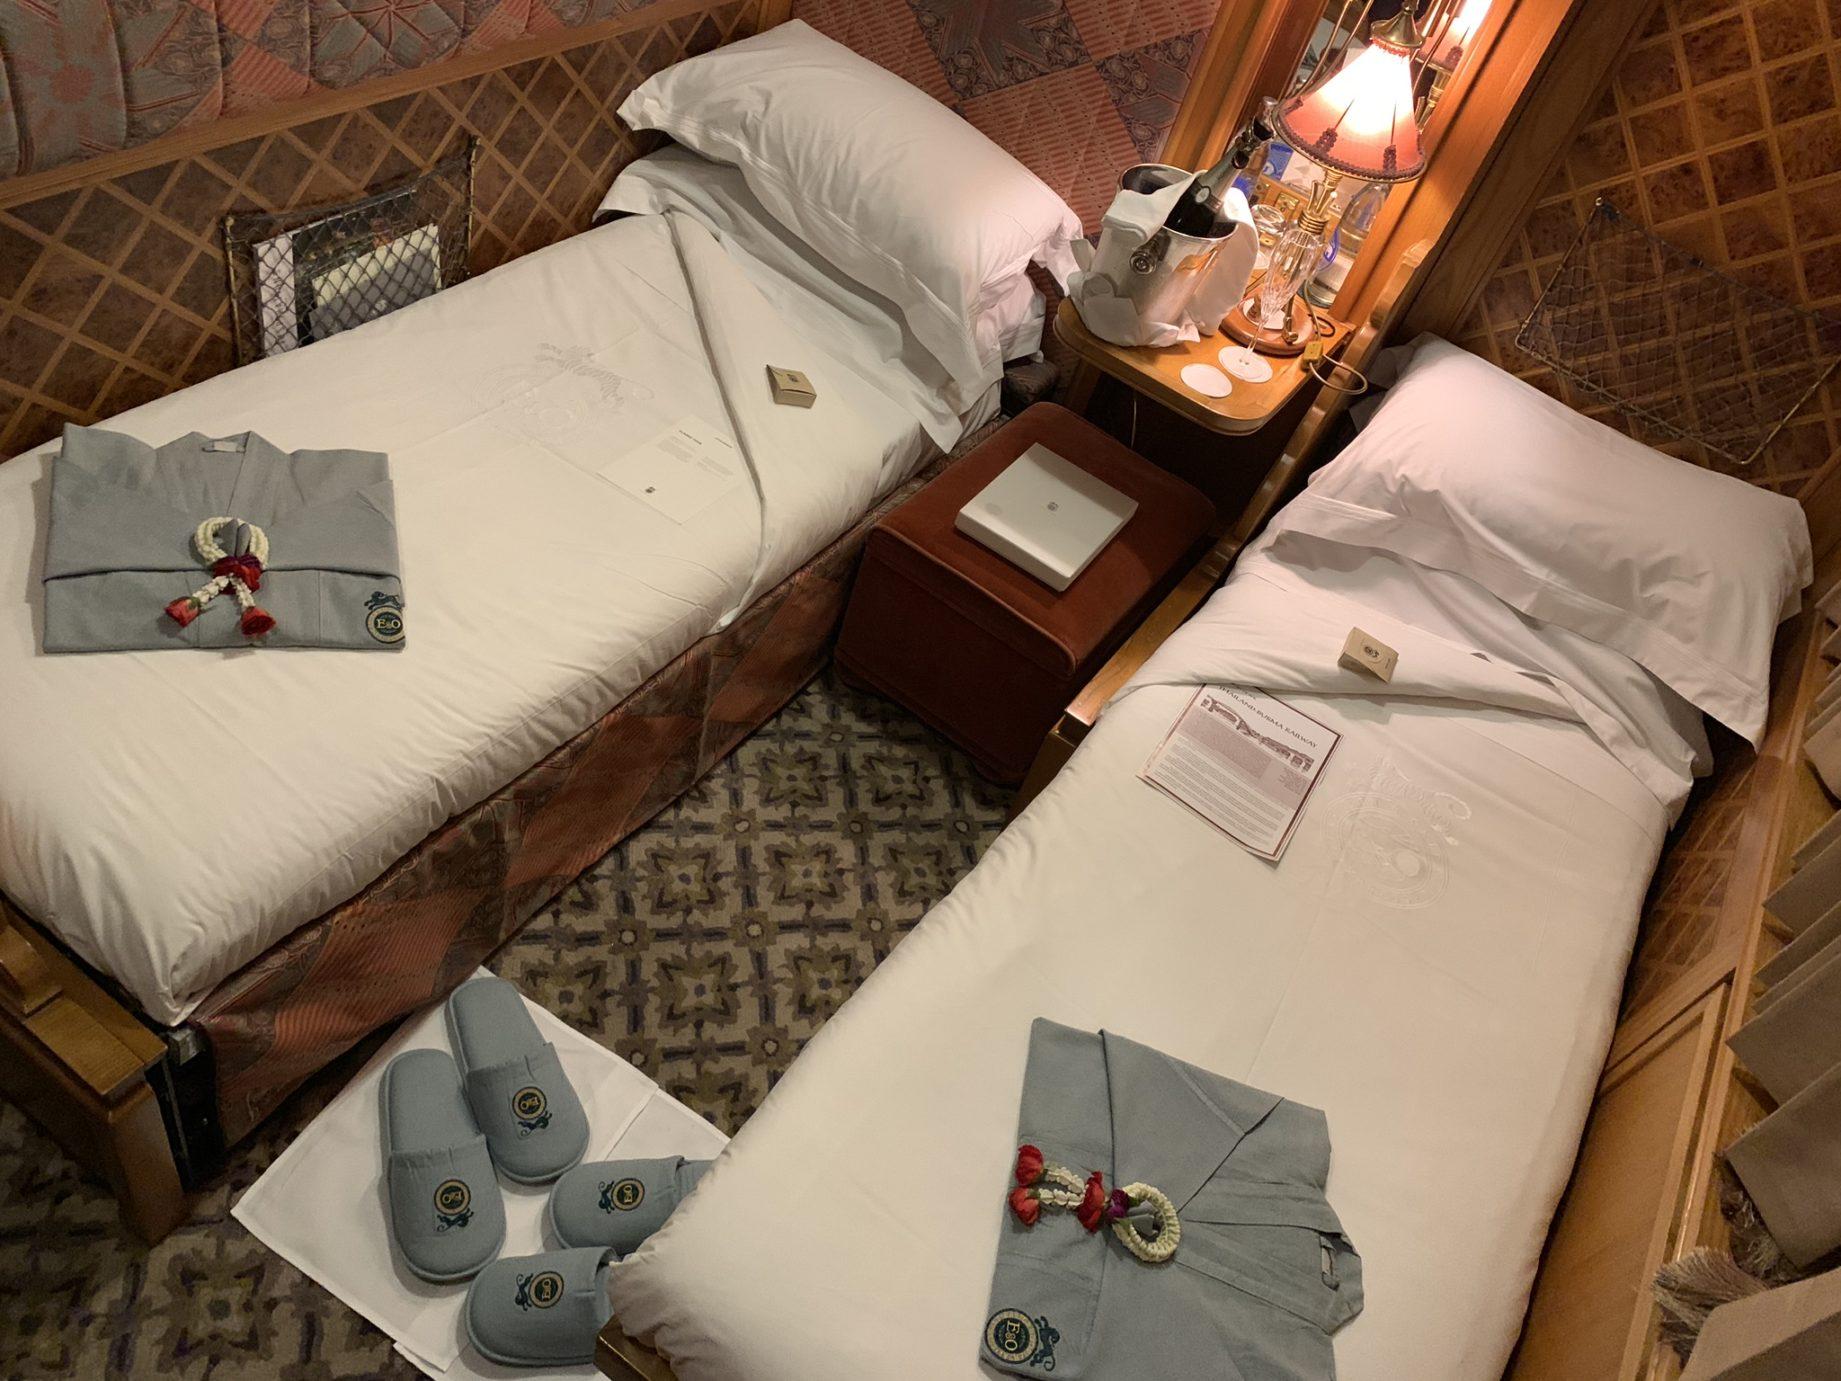 eastern & oriental twin beds cabin